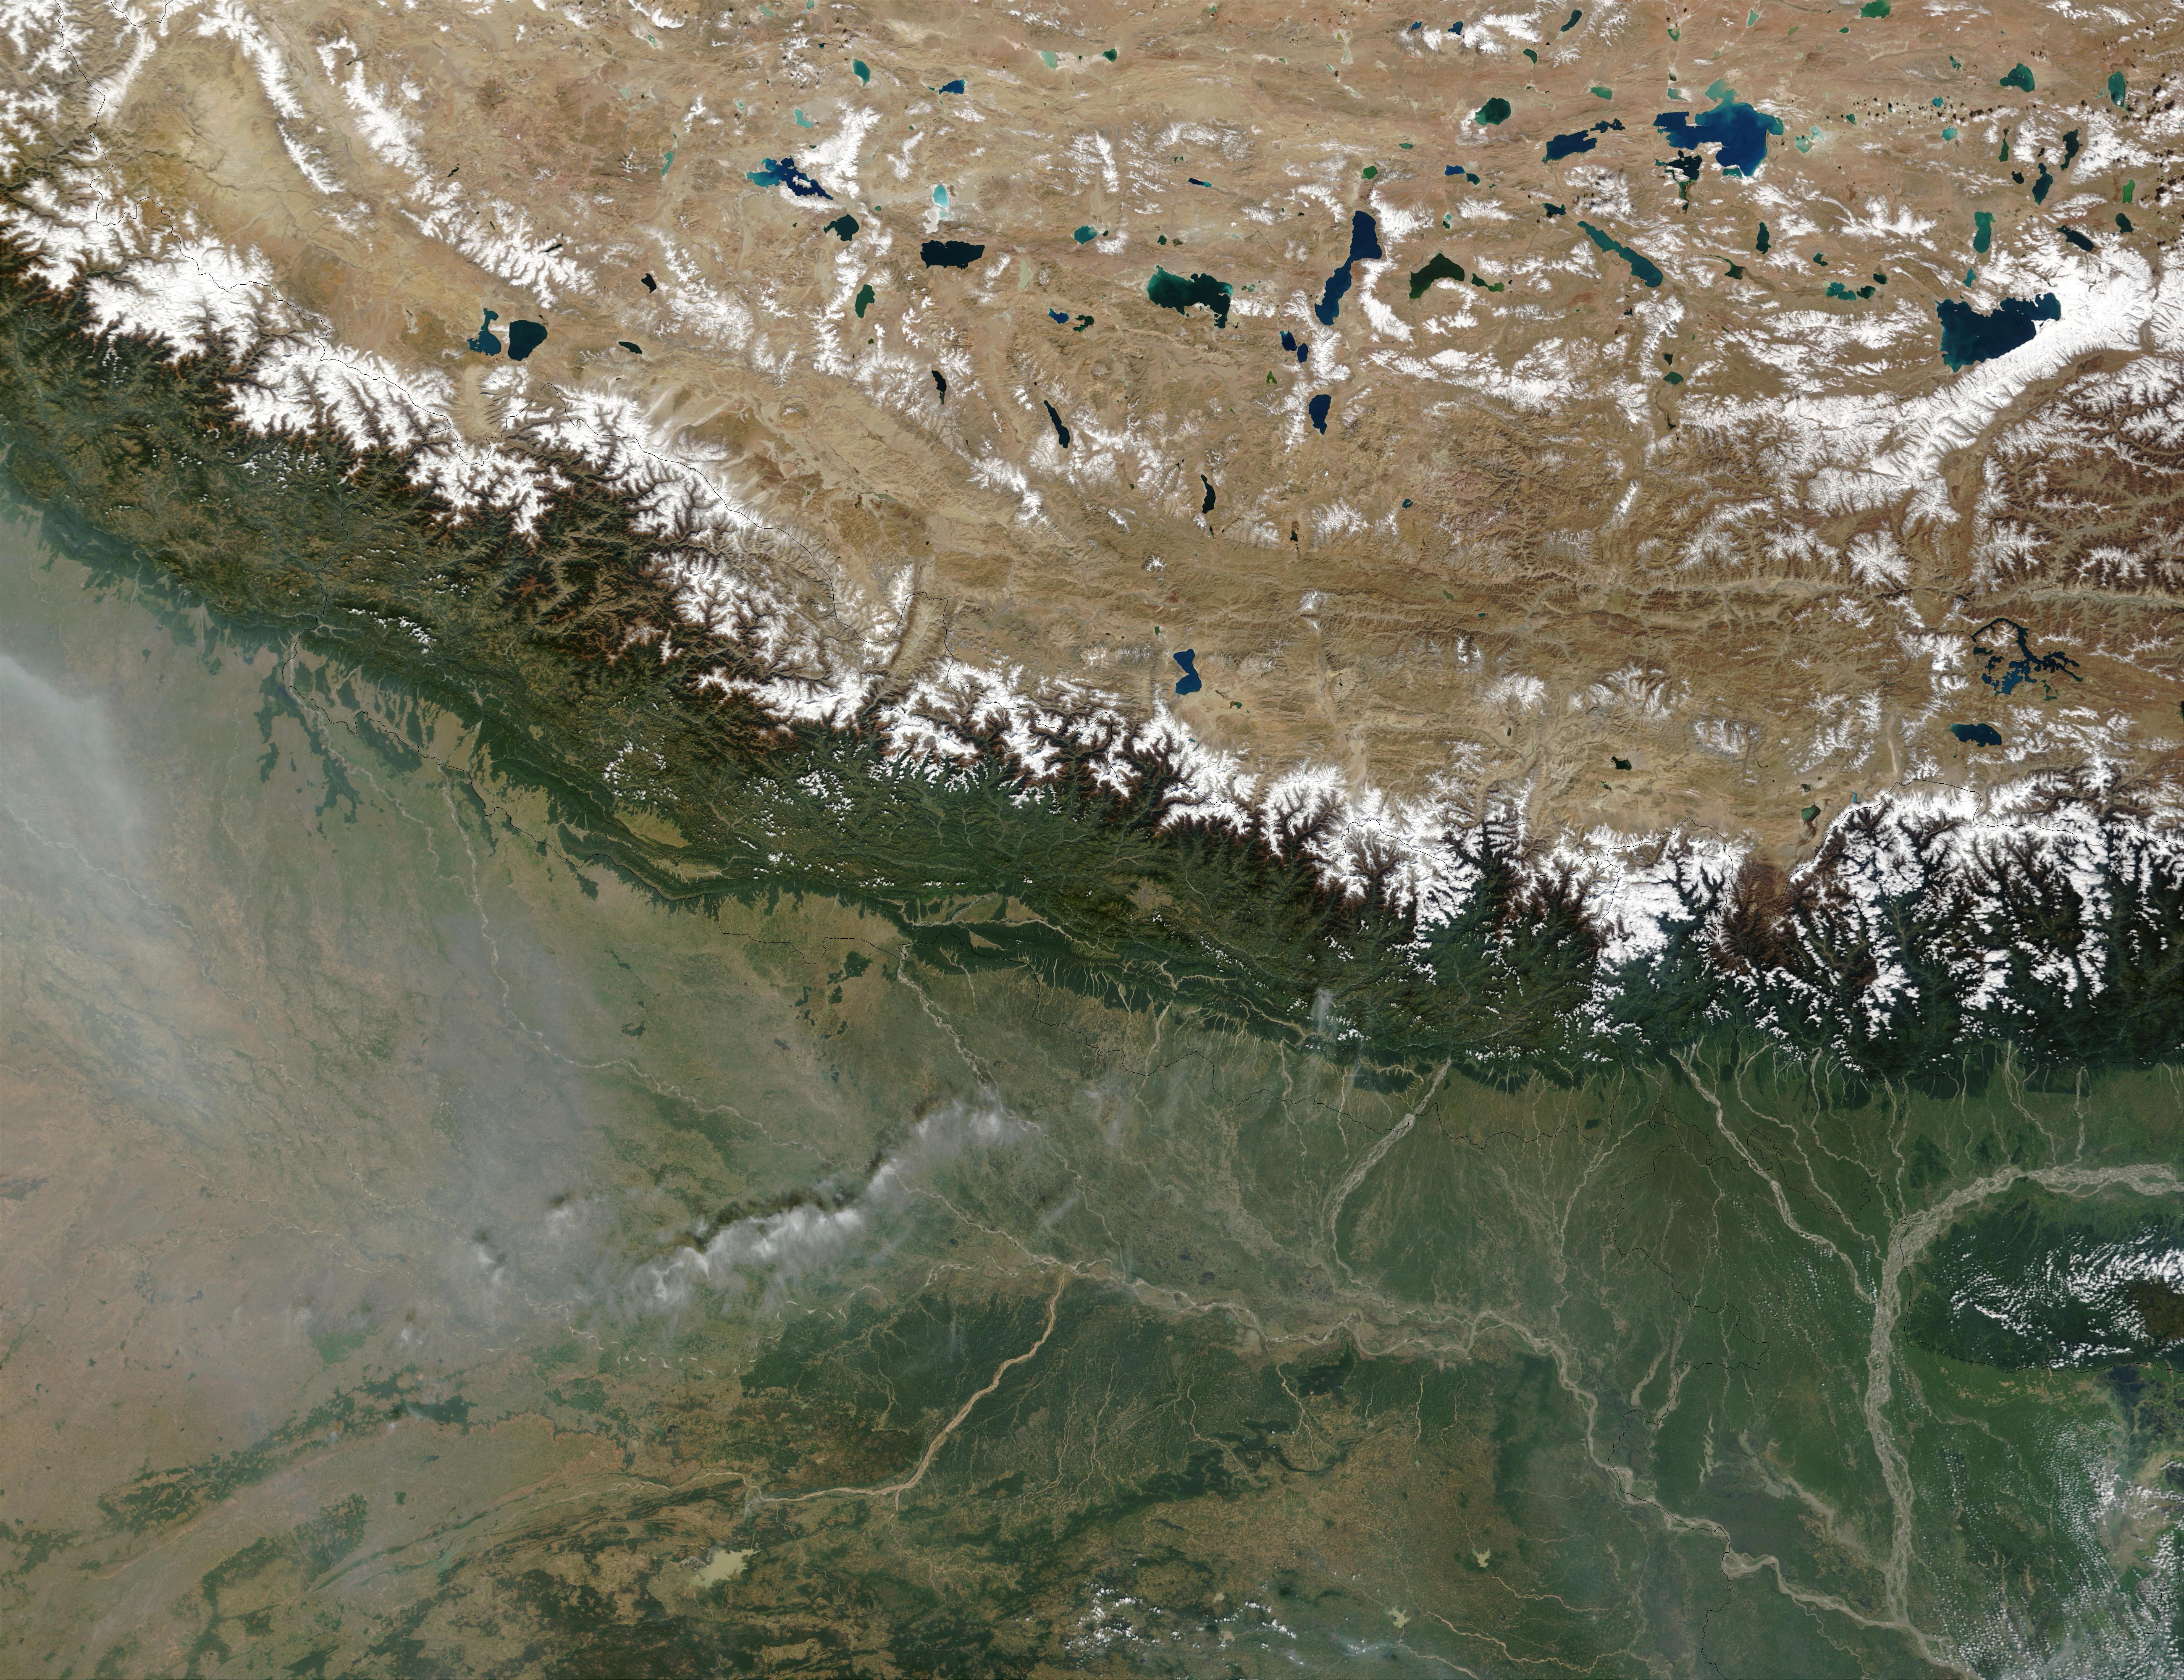 nasa himalayas from space - photo #7